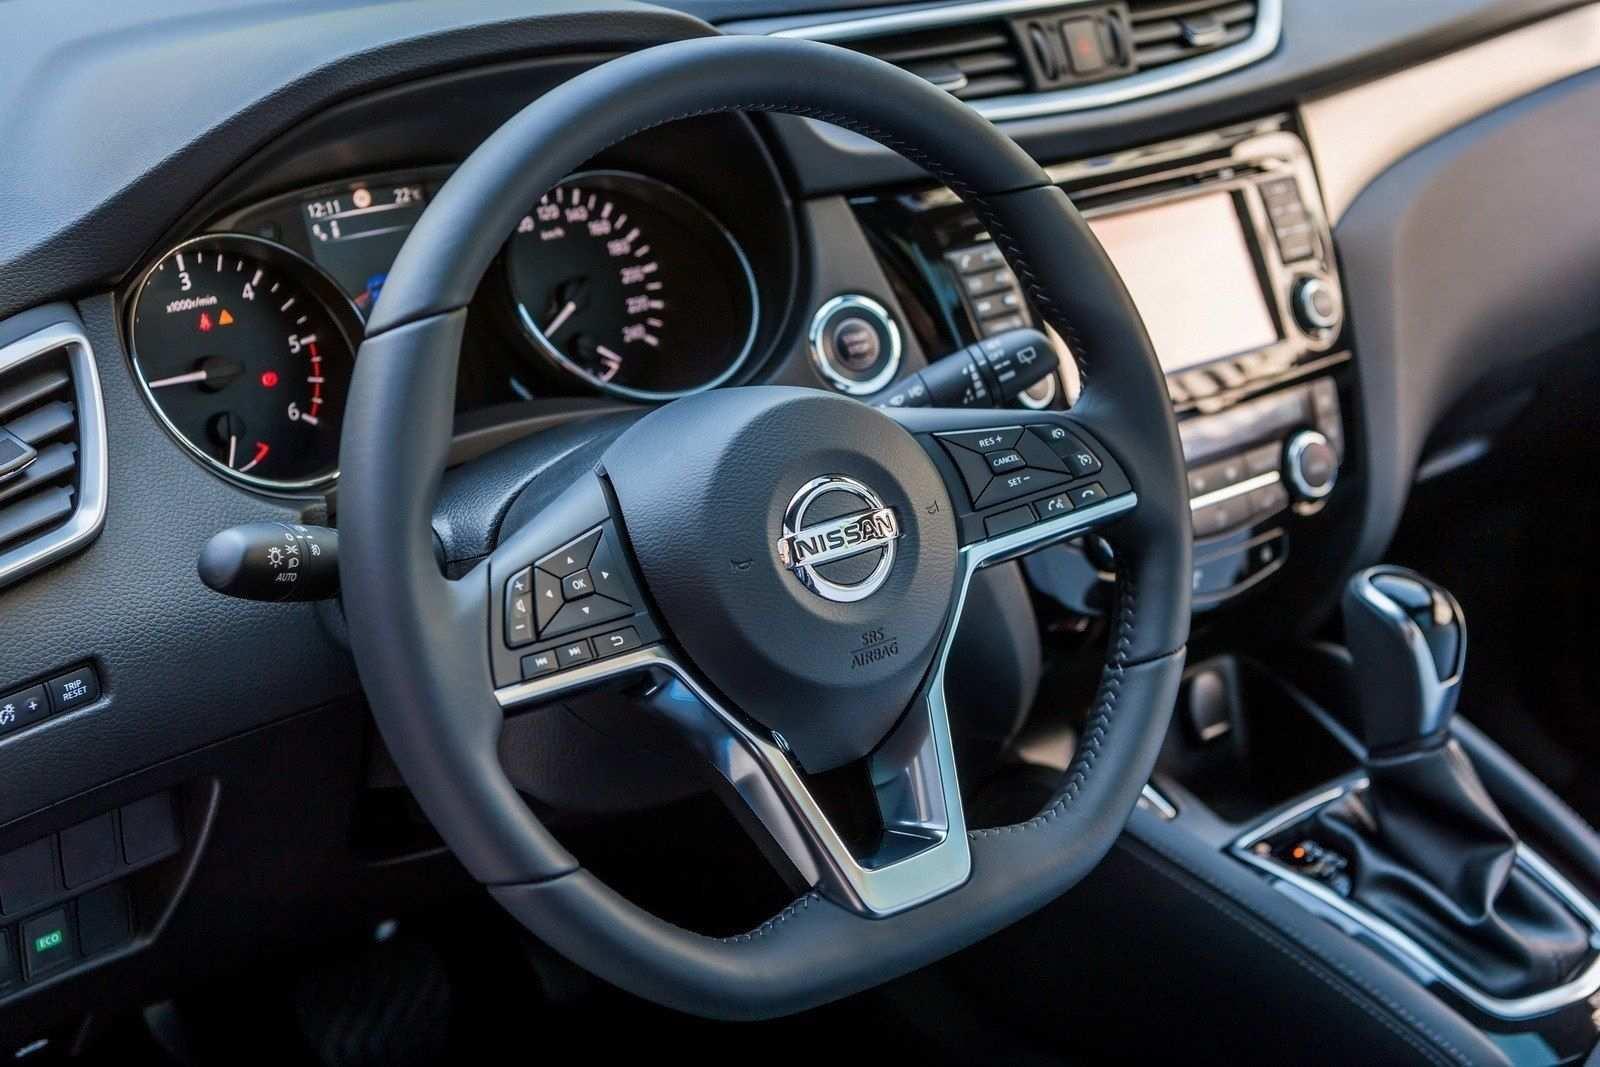 13 Concept of Nissan Qashqai 2020 Exterior Concept with Nissan Qashqai 2020 Exterior